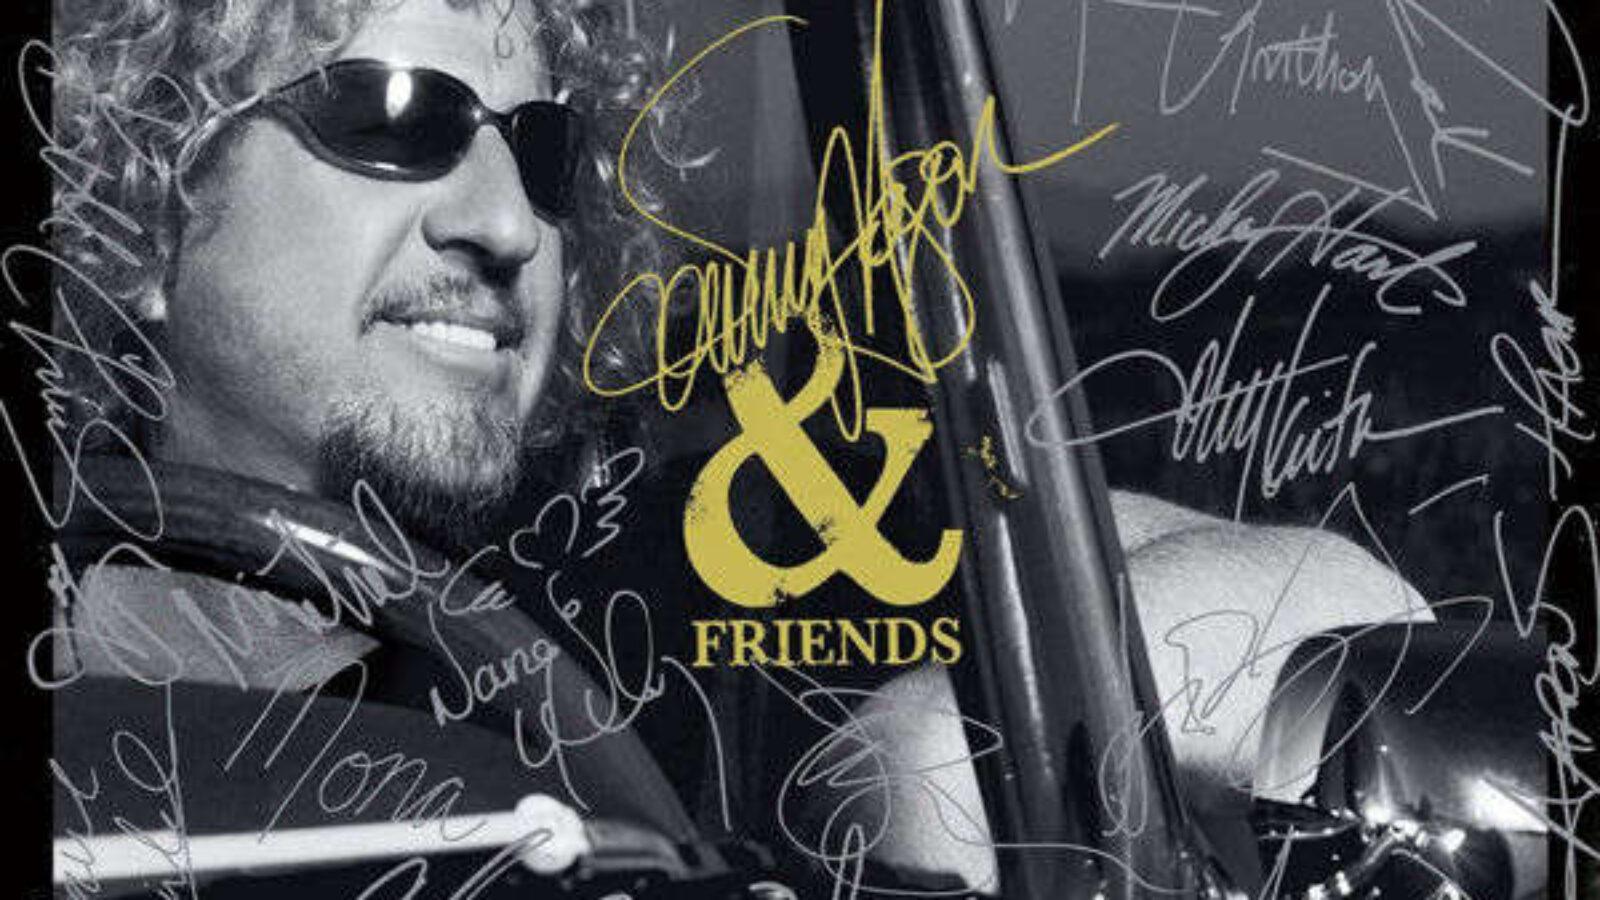 SAMMY HAGAR & FRIENDS Sammy Hagar & Friends